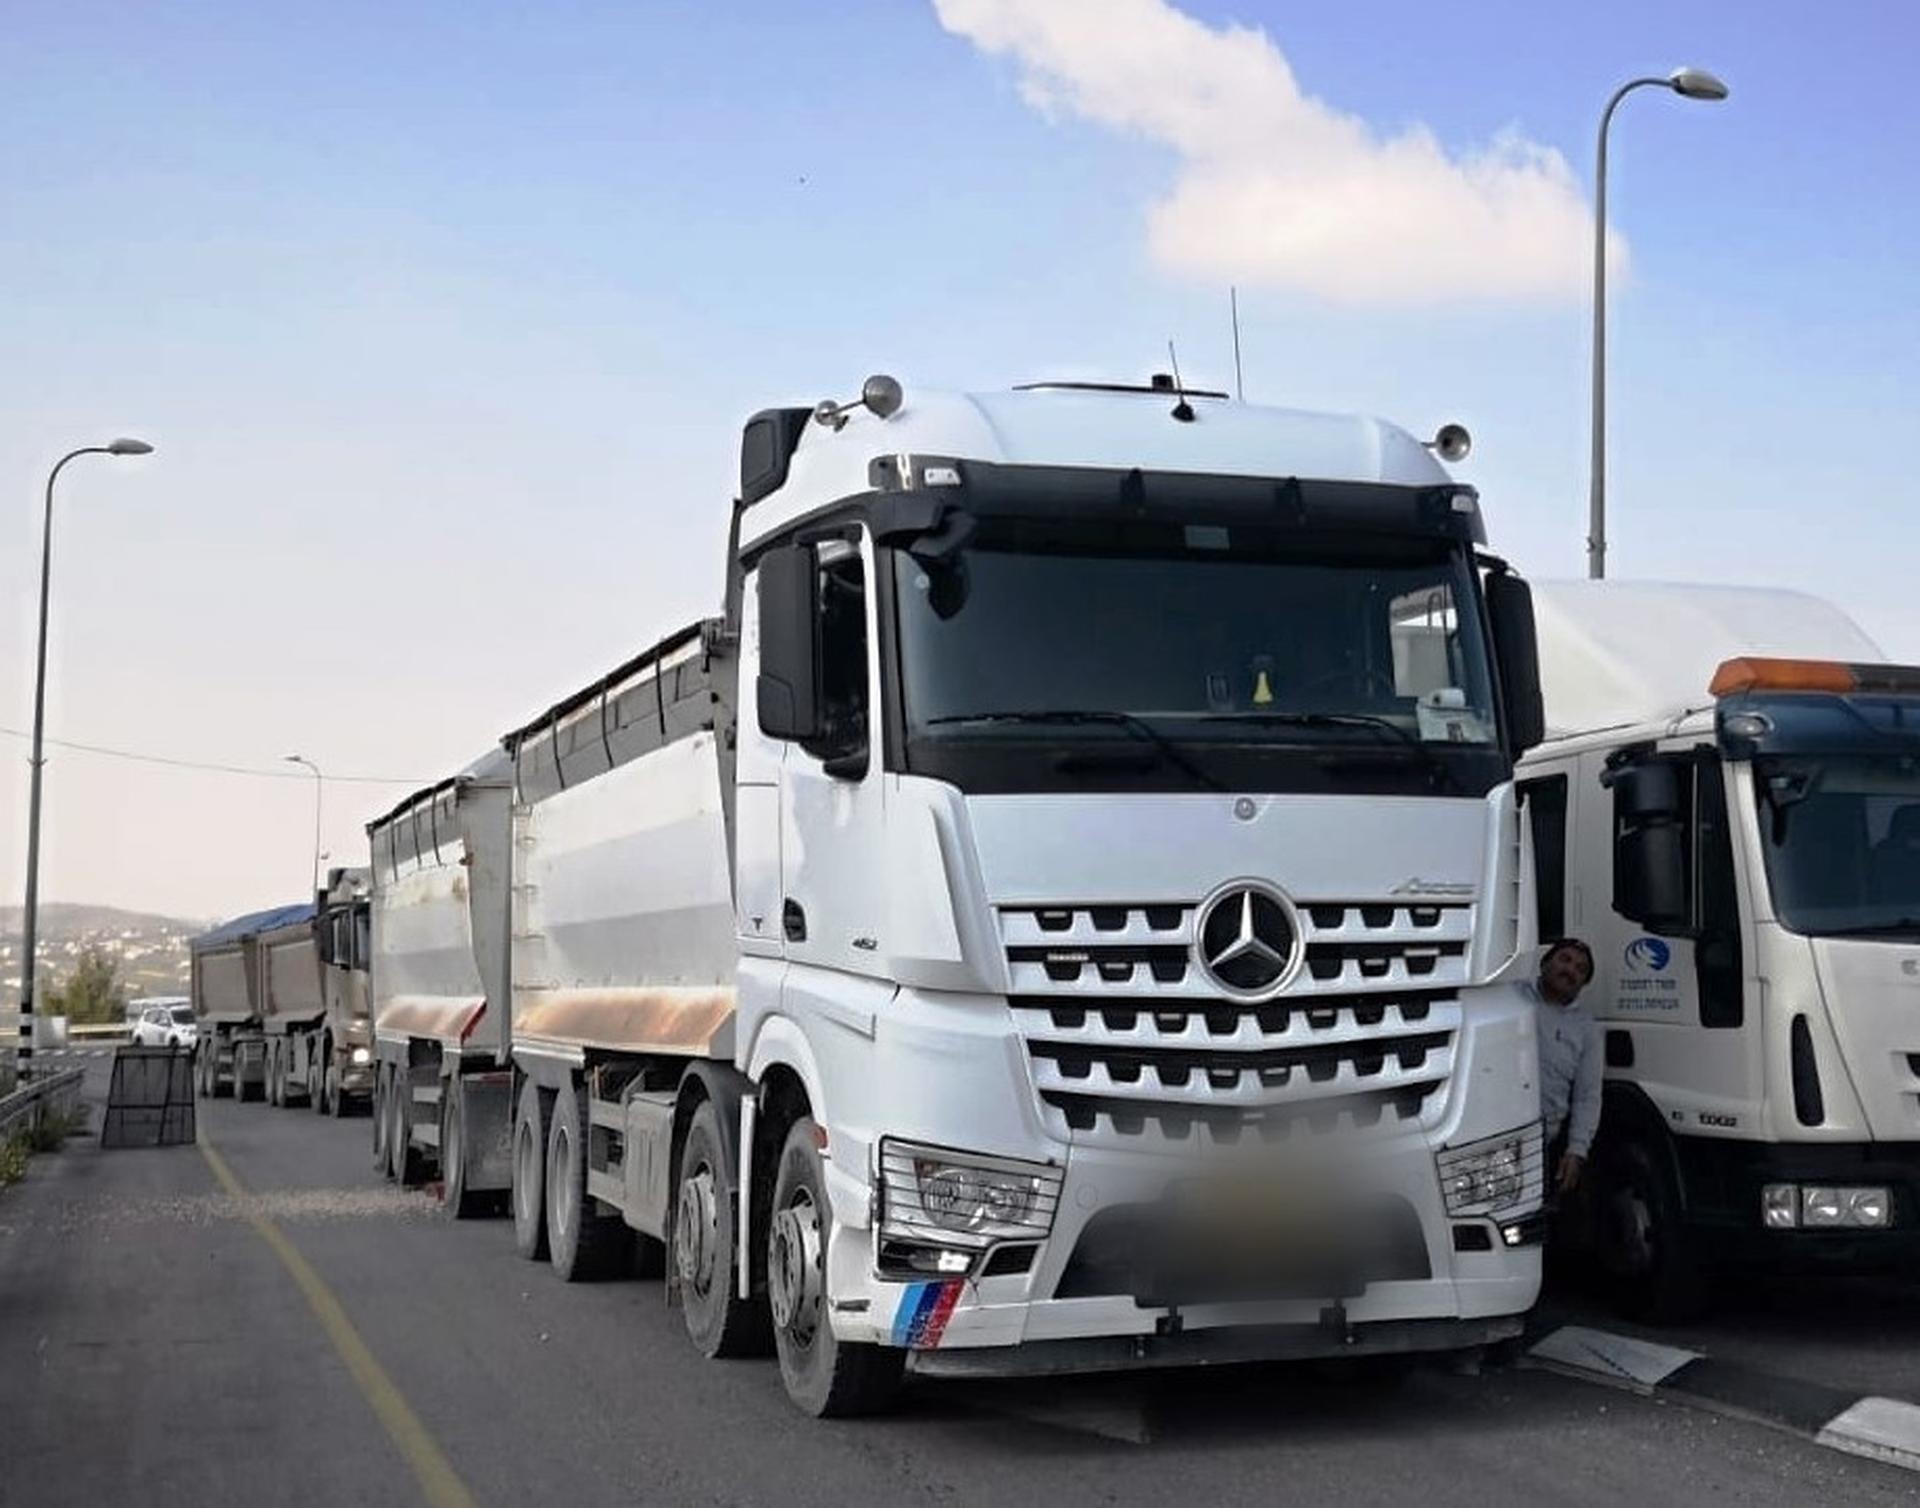 משאית מסוכנת. צילום: דוברות משטרת ישראל